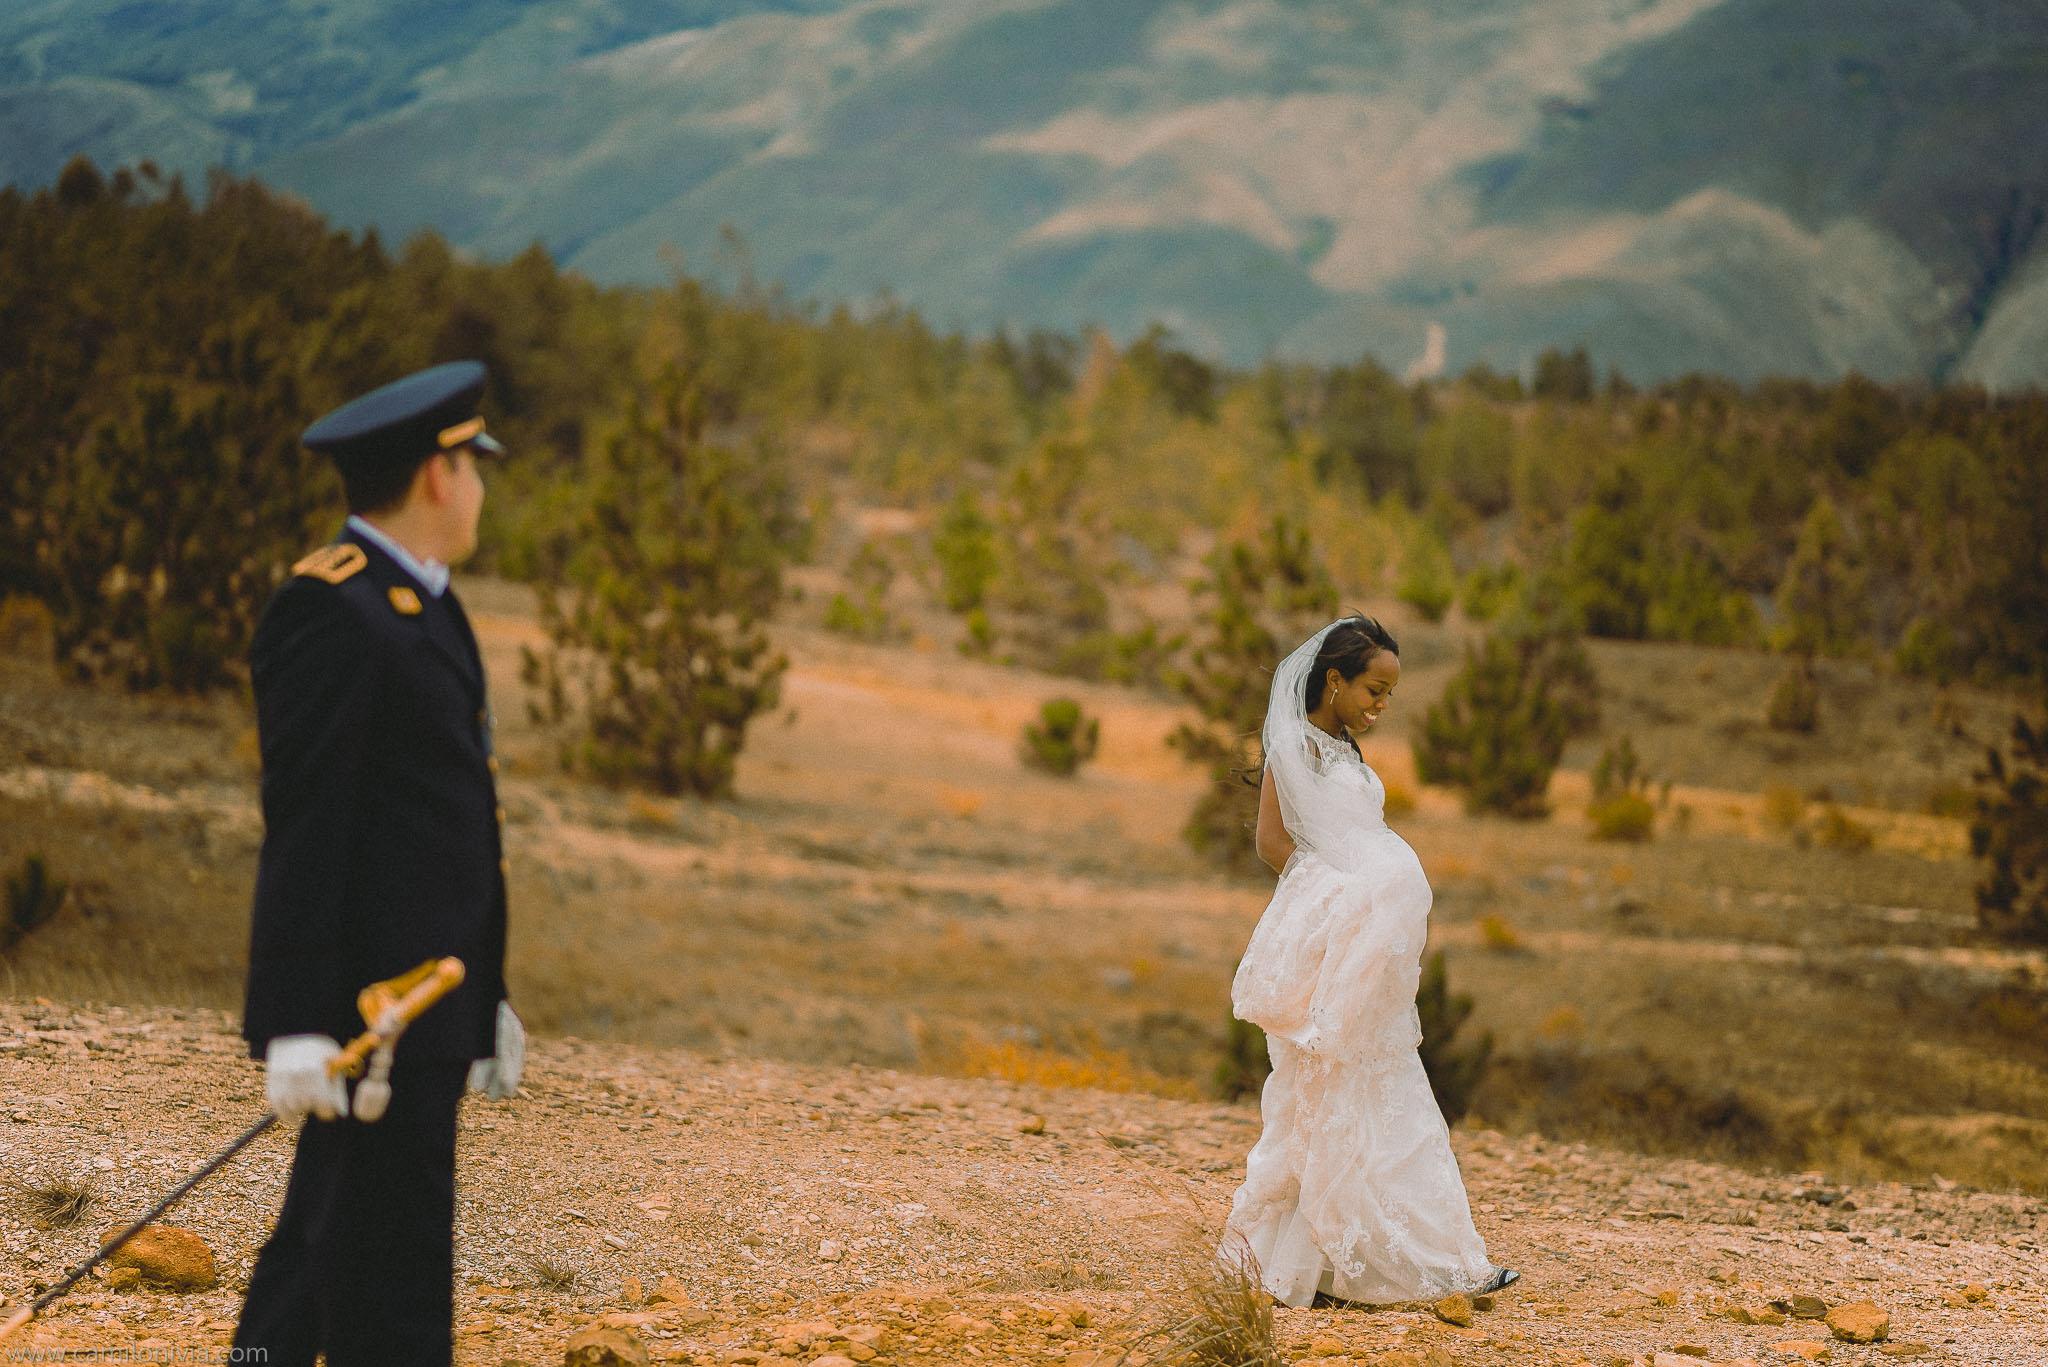 Fotógrafo de bodas en Villa de Leyva, fotos matrimonio Villa de Leyva, foto boda Club Oficiales Villa de Leyva-11